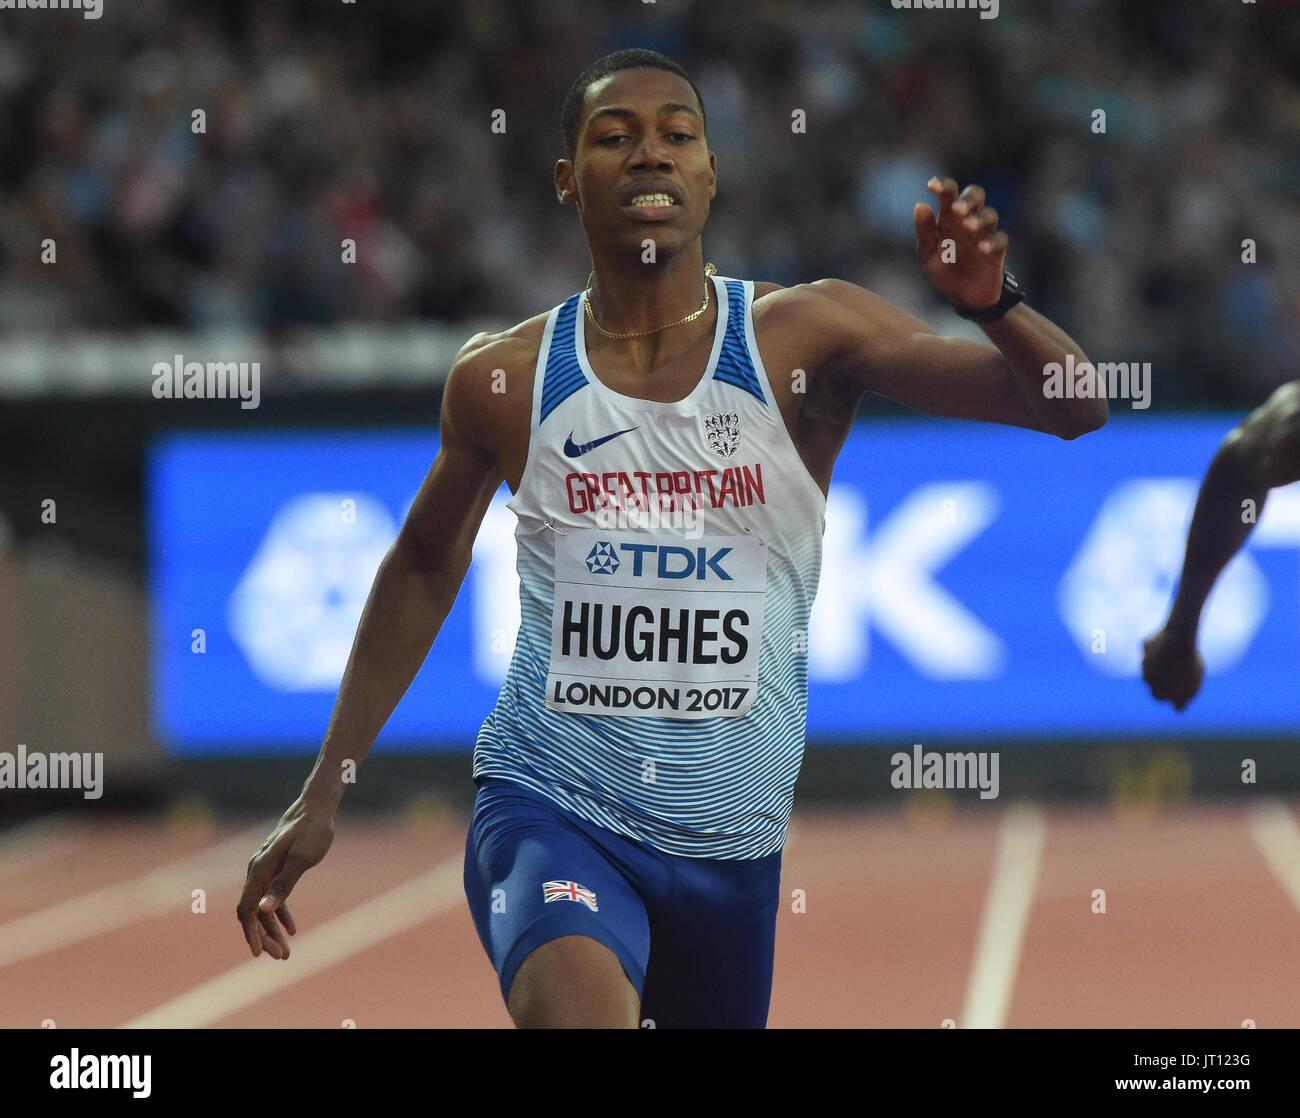 London, UK. 7. August 2017. Zharnel HUGHES, Groß Britannien, in 200 Meter Vorläufen in London am 7. August 2017 an die IAAF World Championships Athletics 2017. Bildnachweis: Ulrik Pedersen/Alamy Live-Nachrichten Stockbild